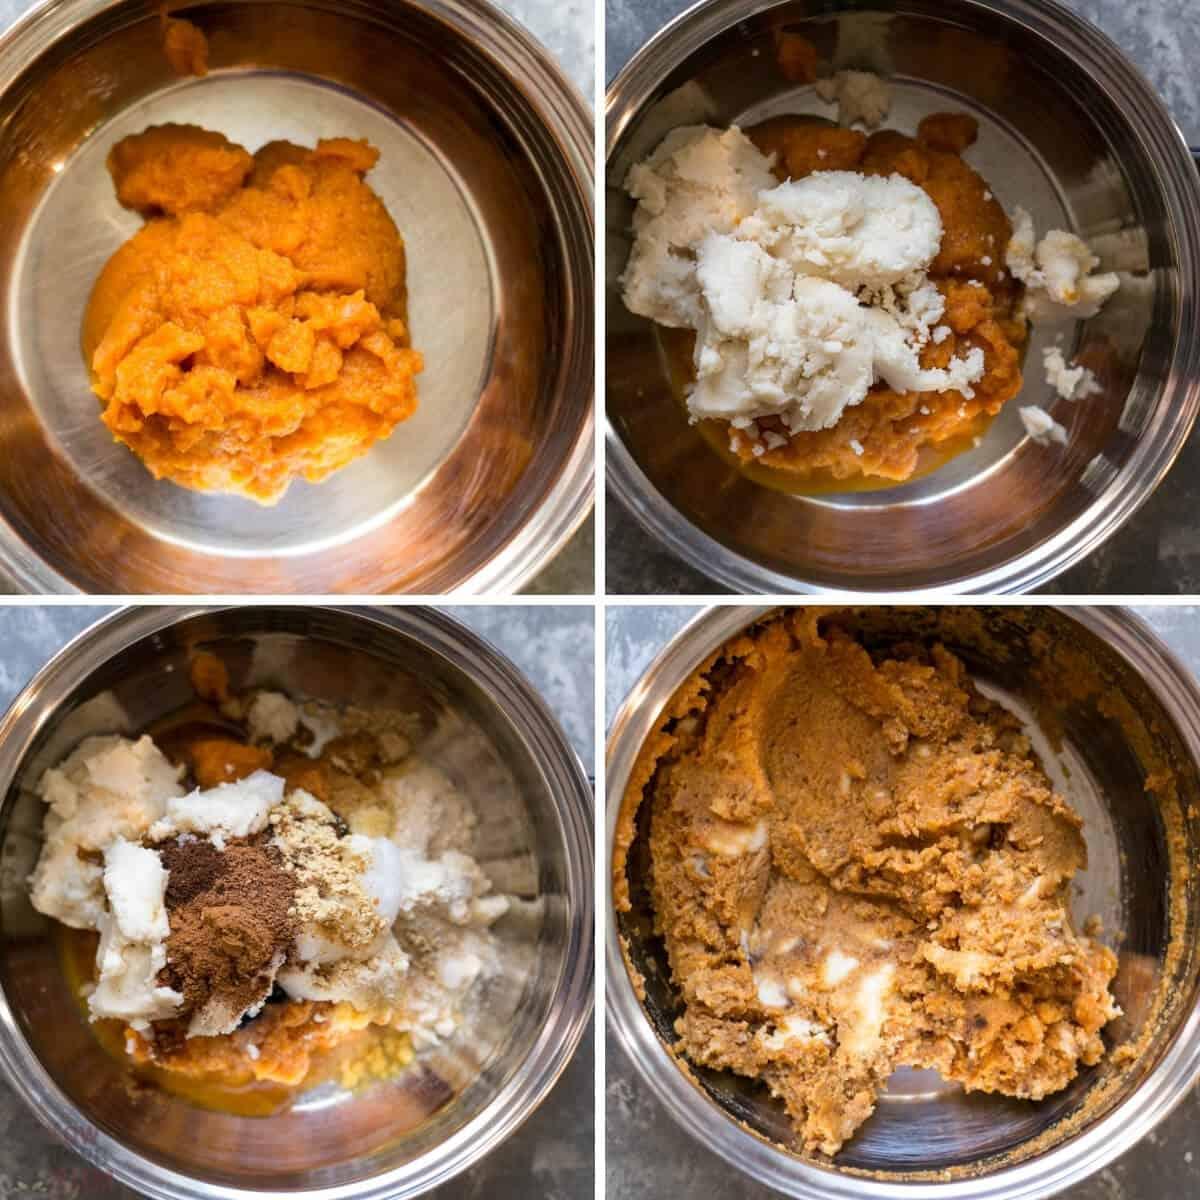 pumpkin fudge ingredients added to pan